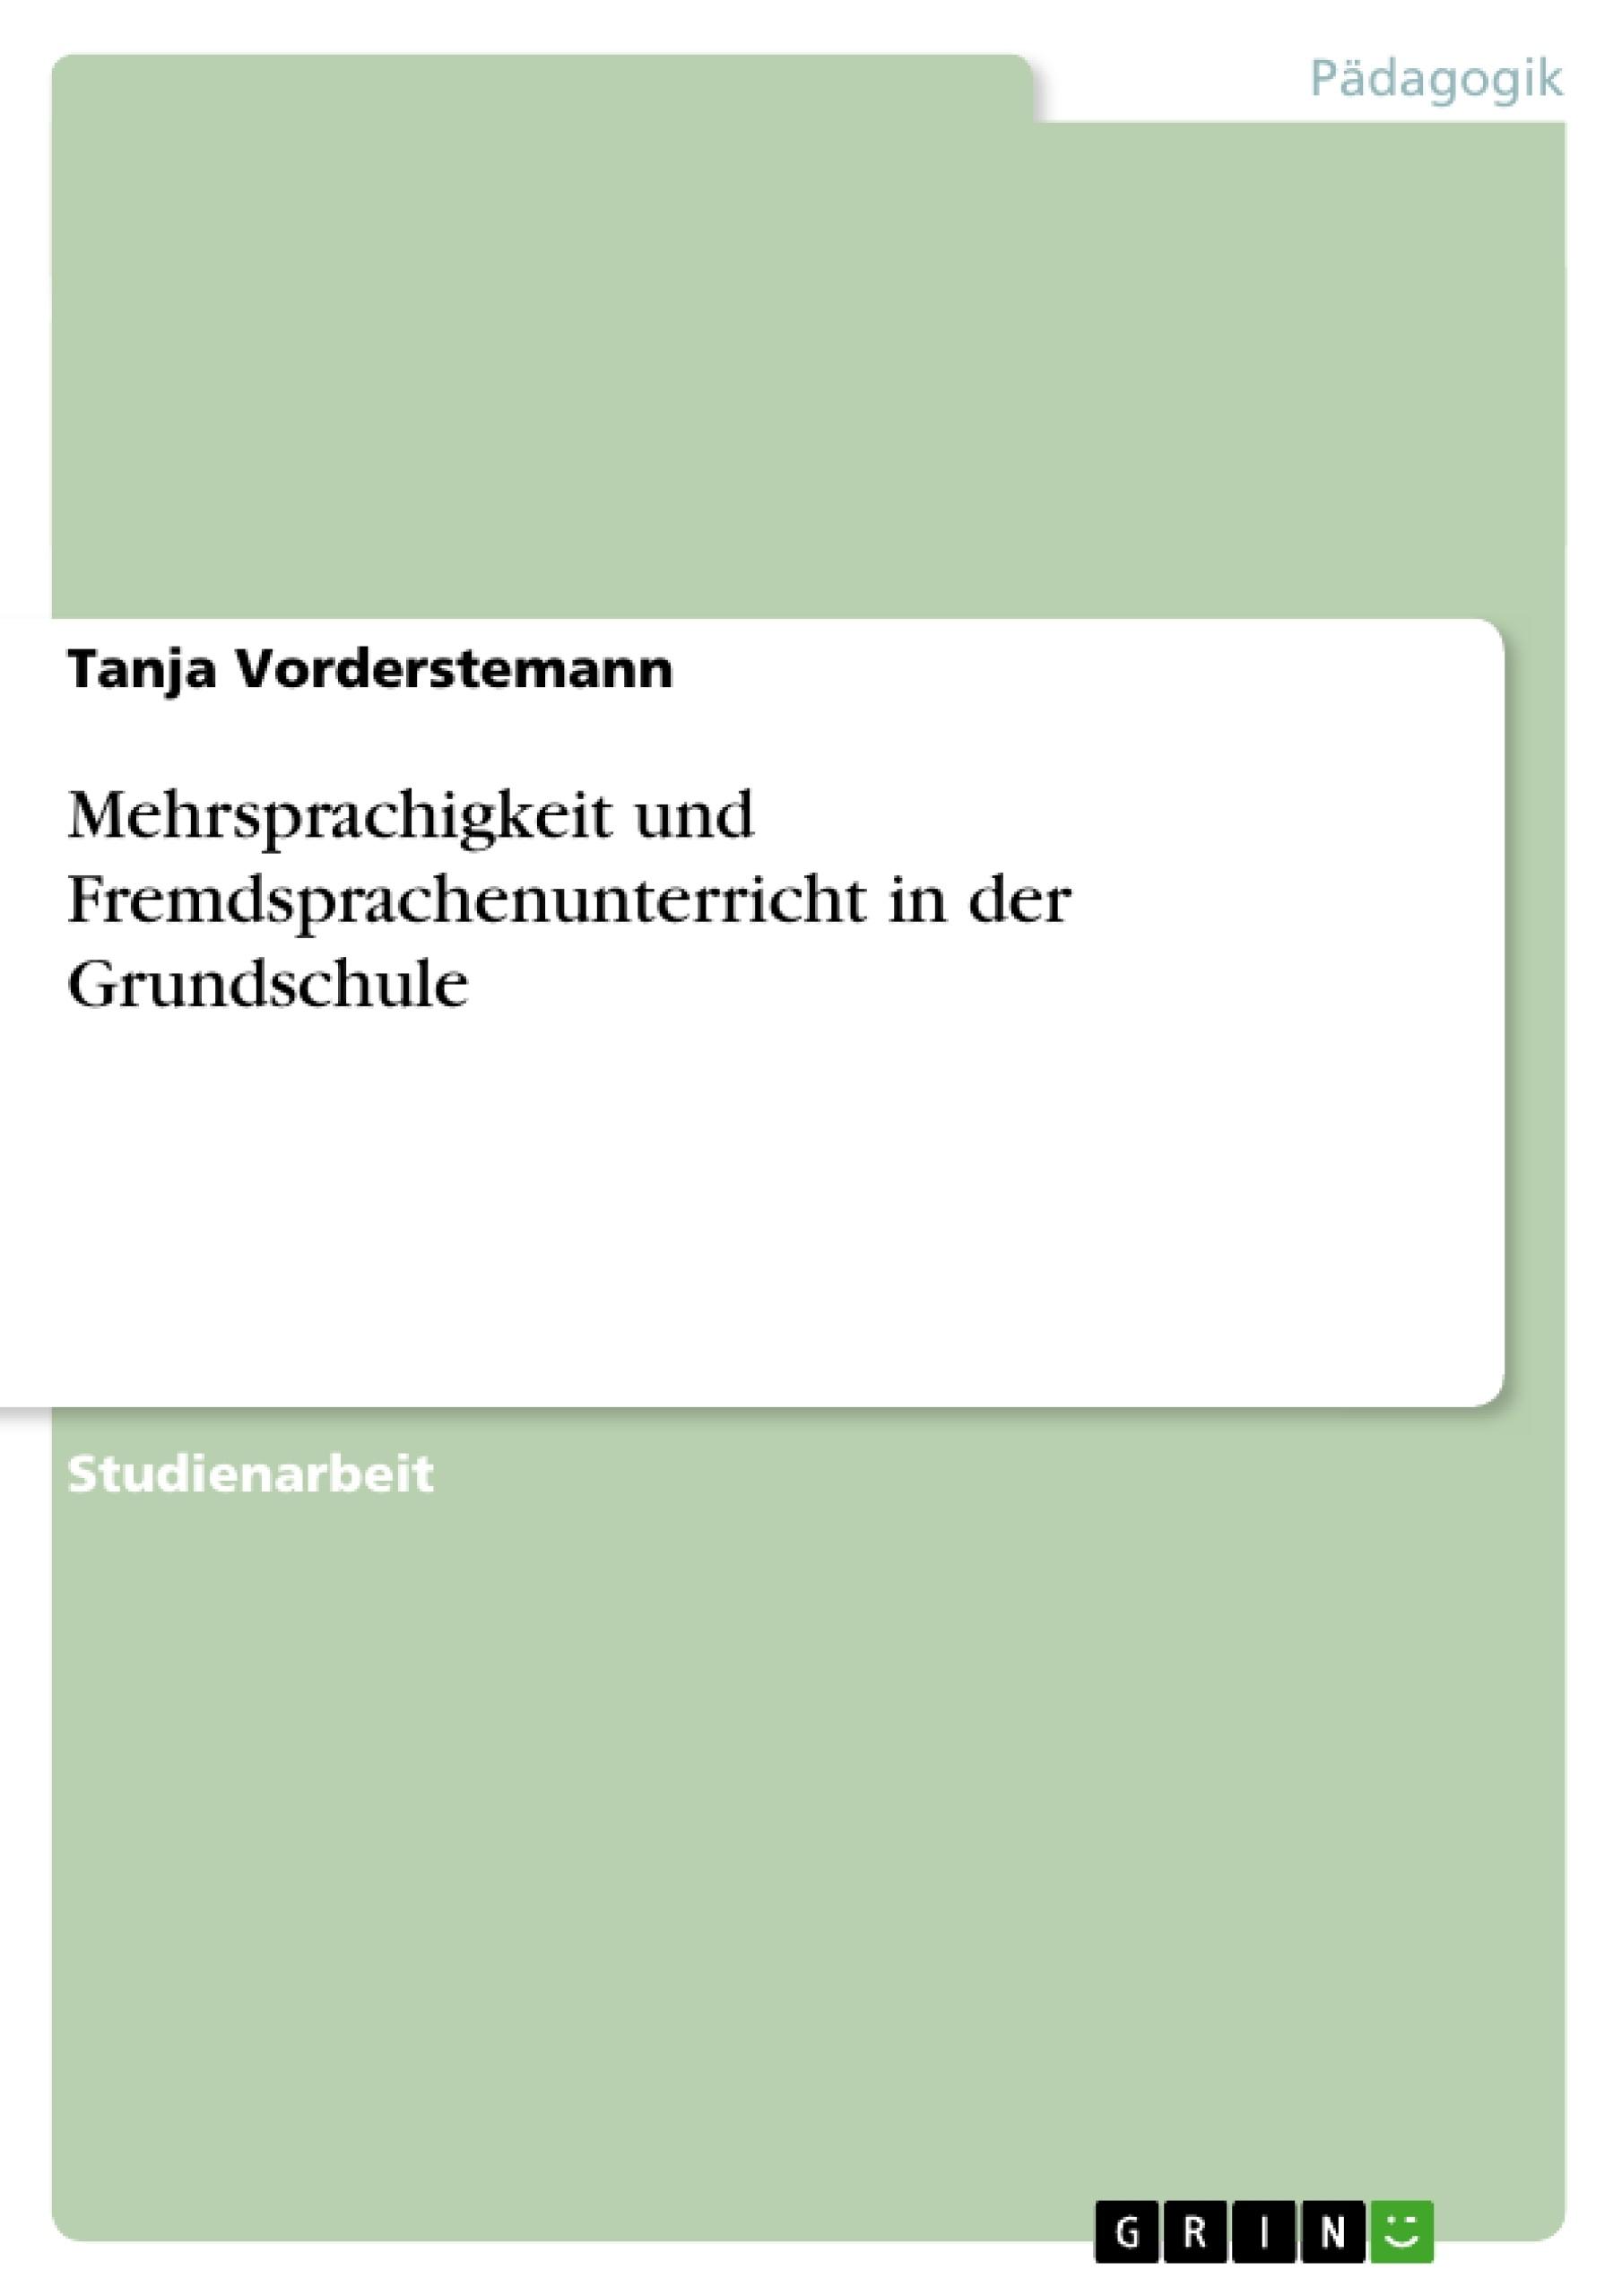 Titel: Mehrsprachigkeit und Fremdsprachenunterricht in der Grundschule